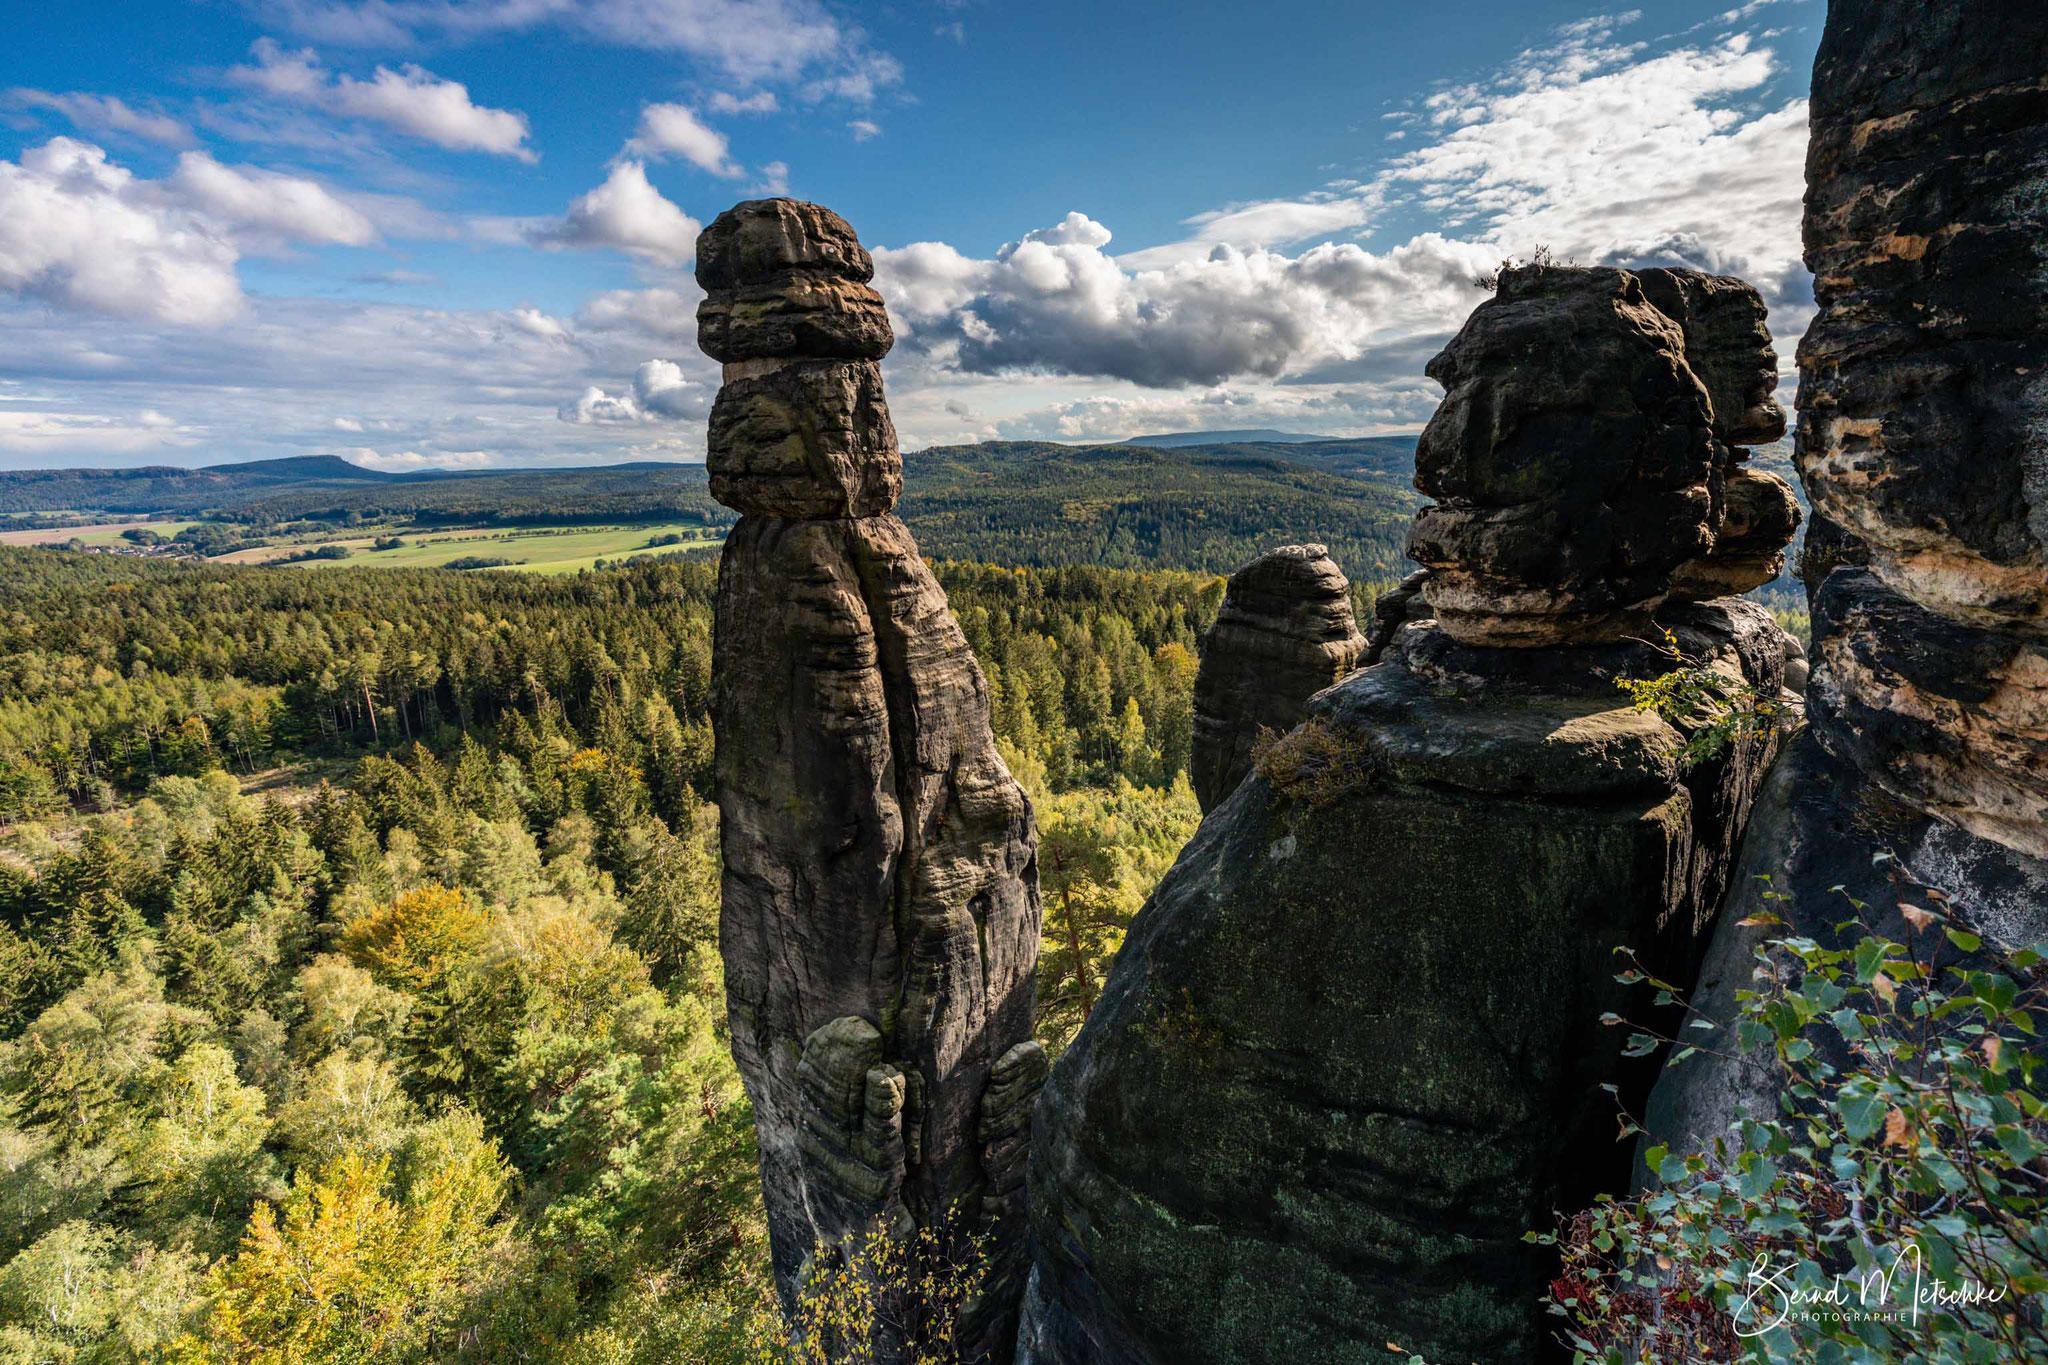 Barbarine am Pfaffenstein - Landschaftlich schöner Ort in Königstein